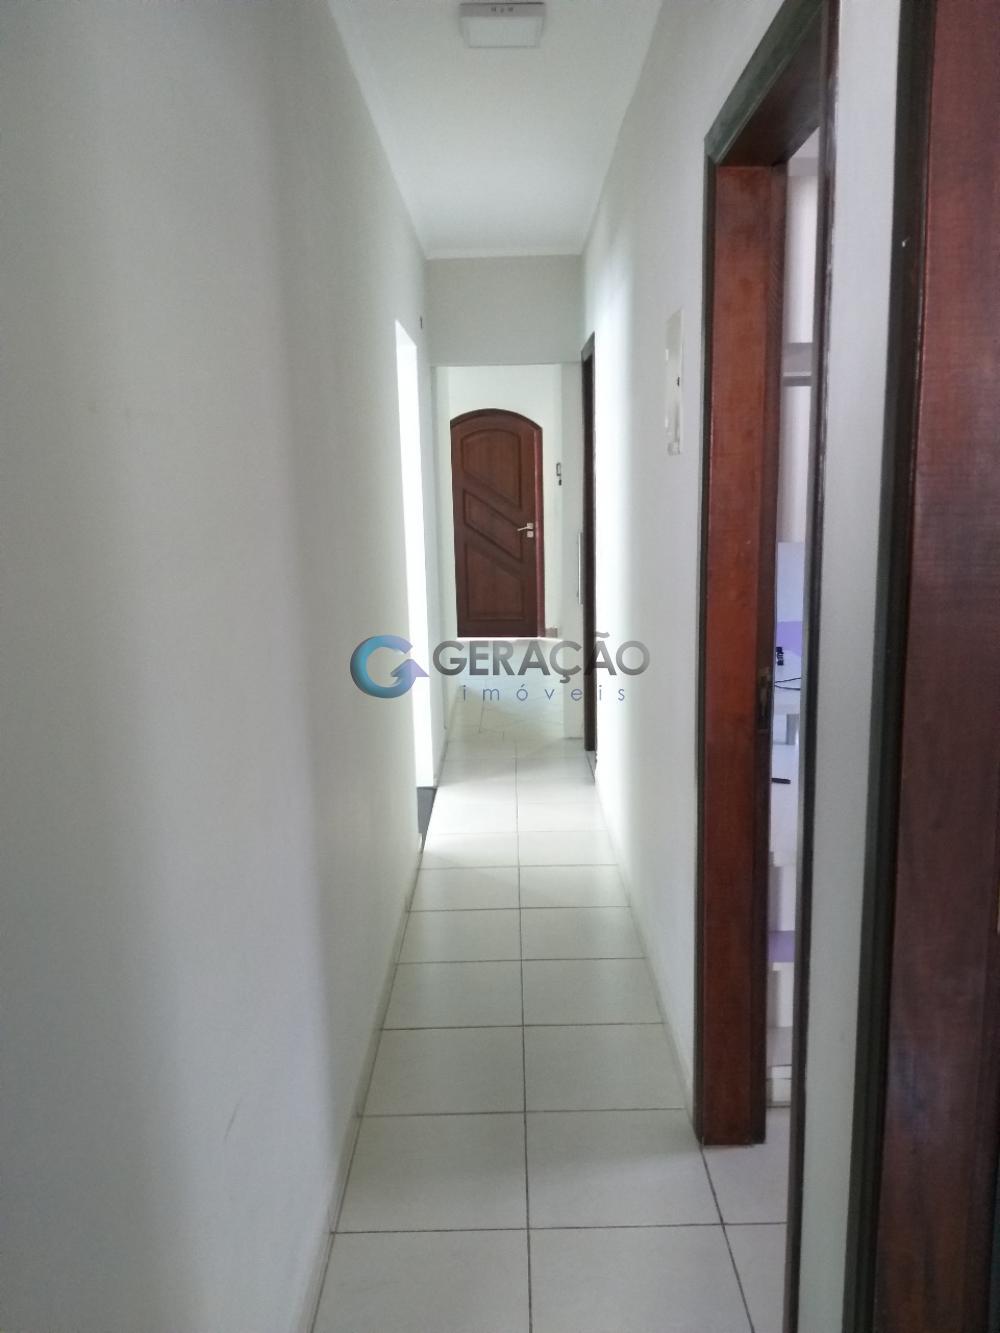 Comprar Casa / Padrão em São José dos Campos apenas R$ 690.000,00 - Foto 14